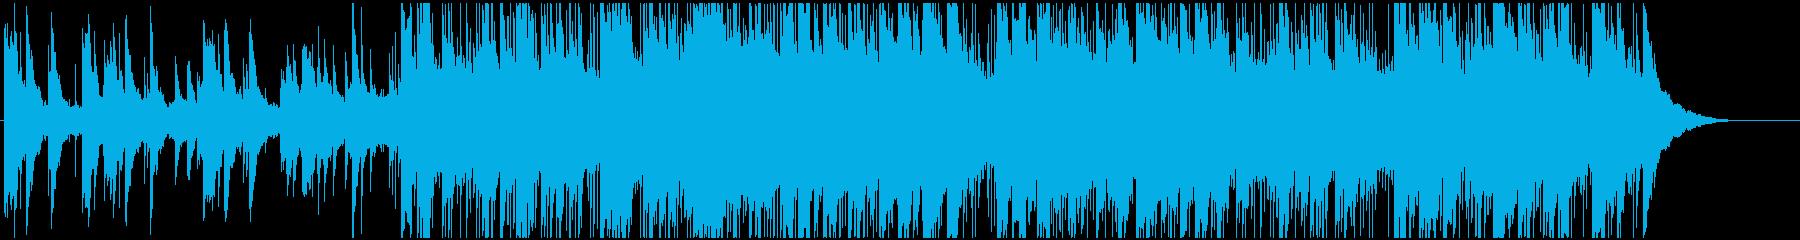 ピアノ演奏のリードを備えた簡単なラ...の再生済みの波形